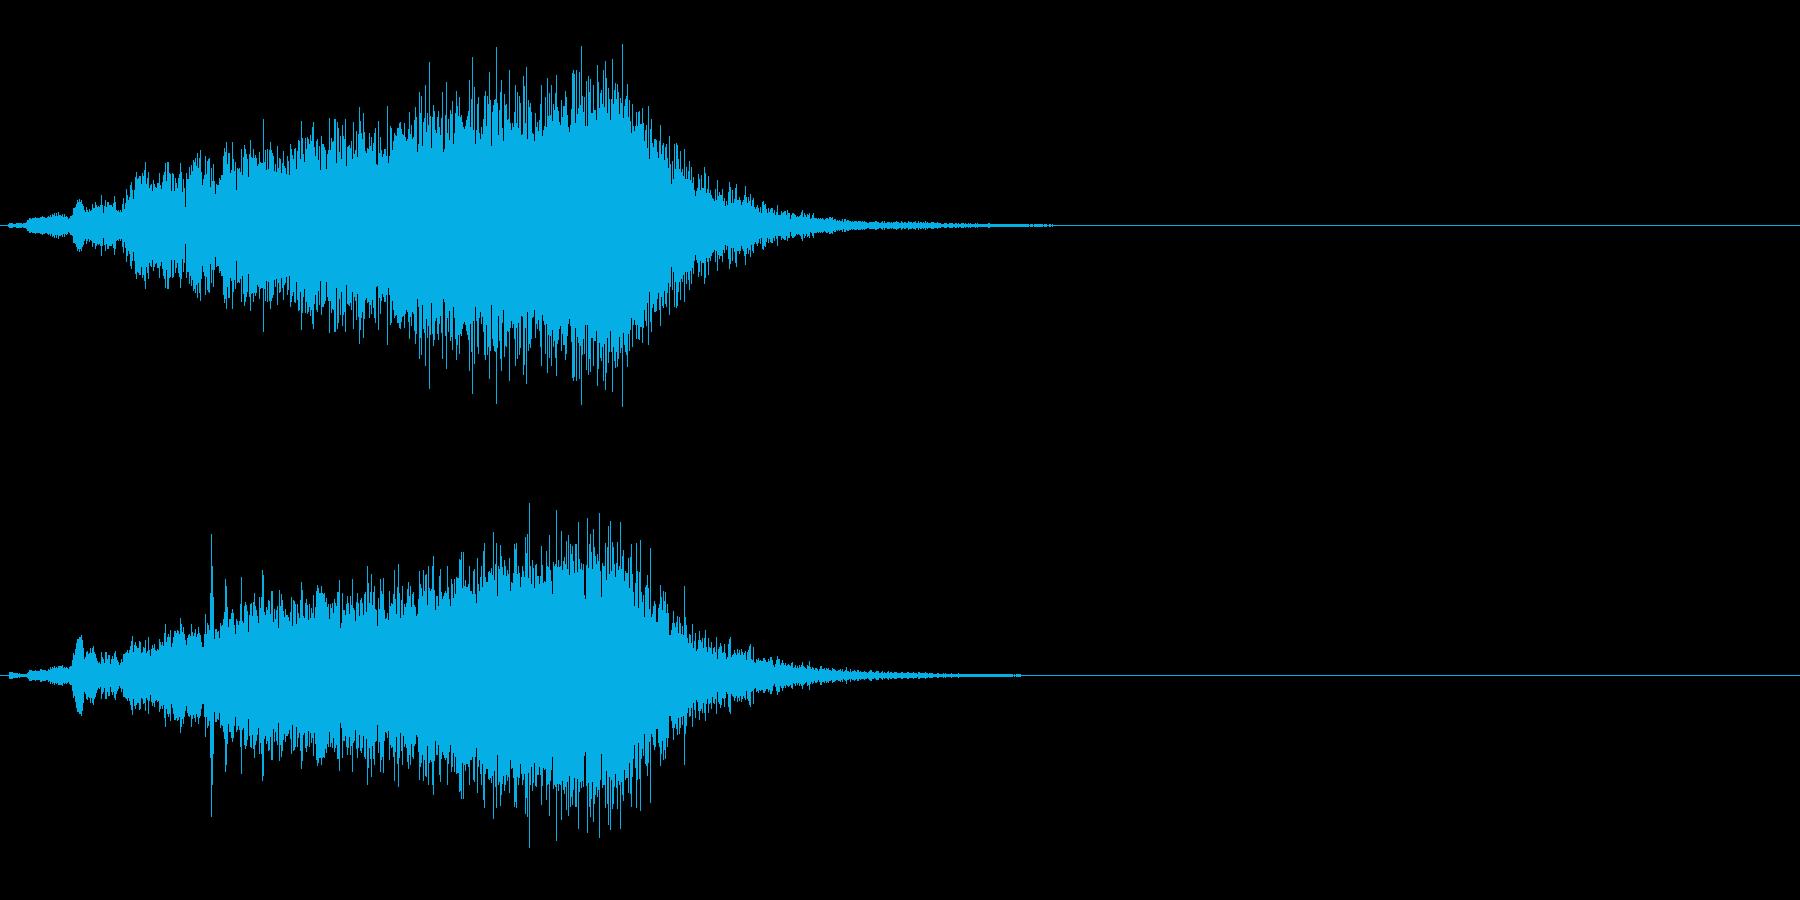 迫りくる恐怖・高まる緊迫感の効果音の再生済みの波形